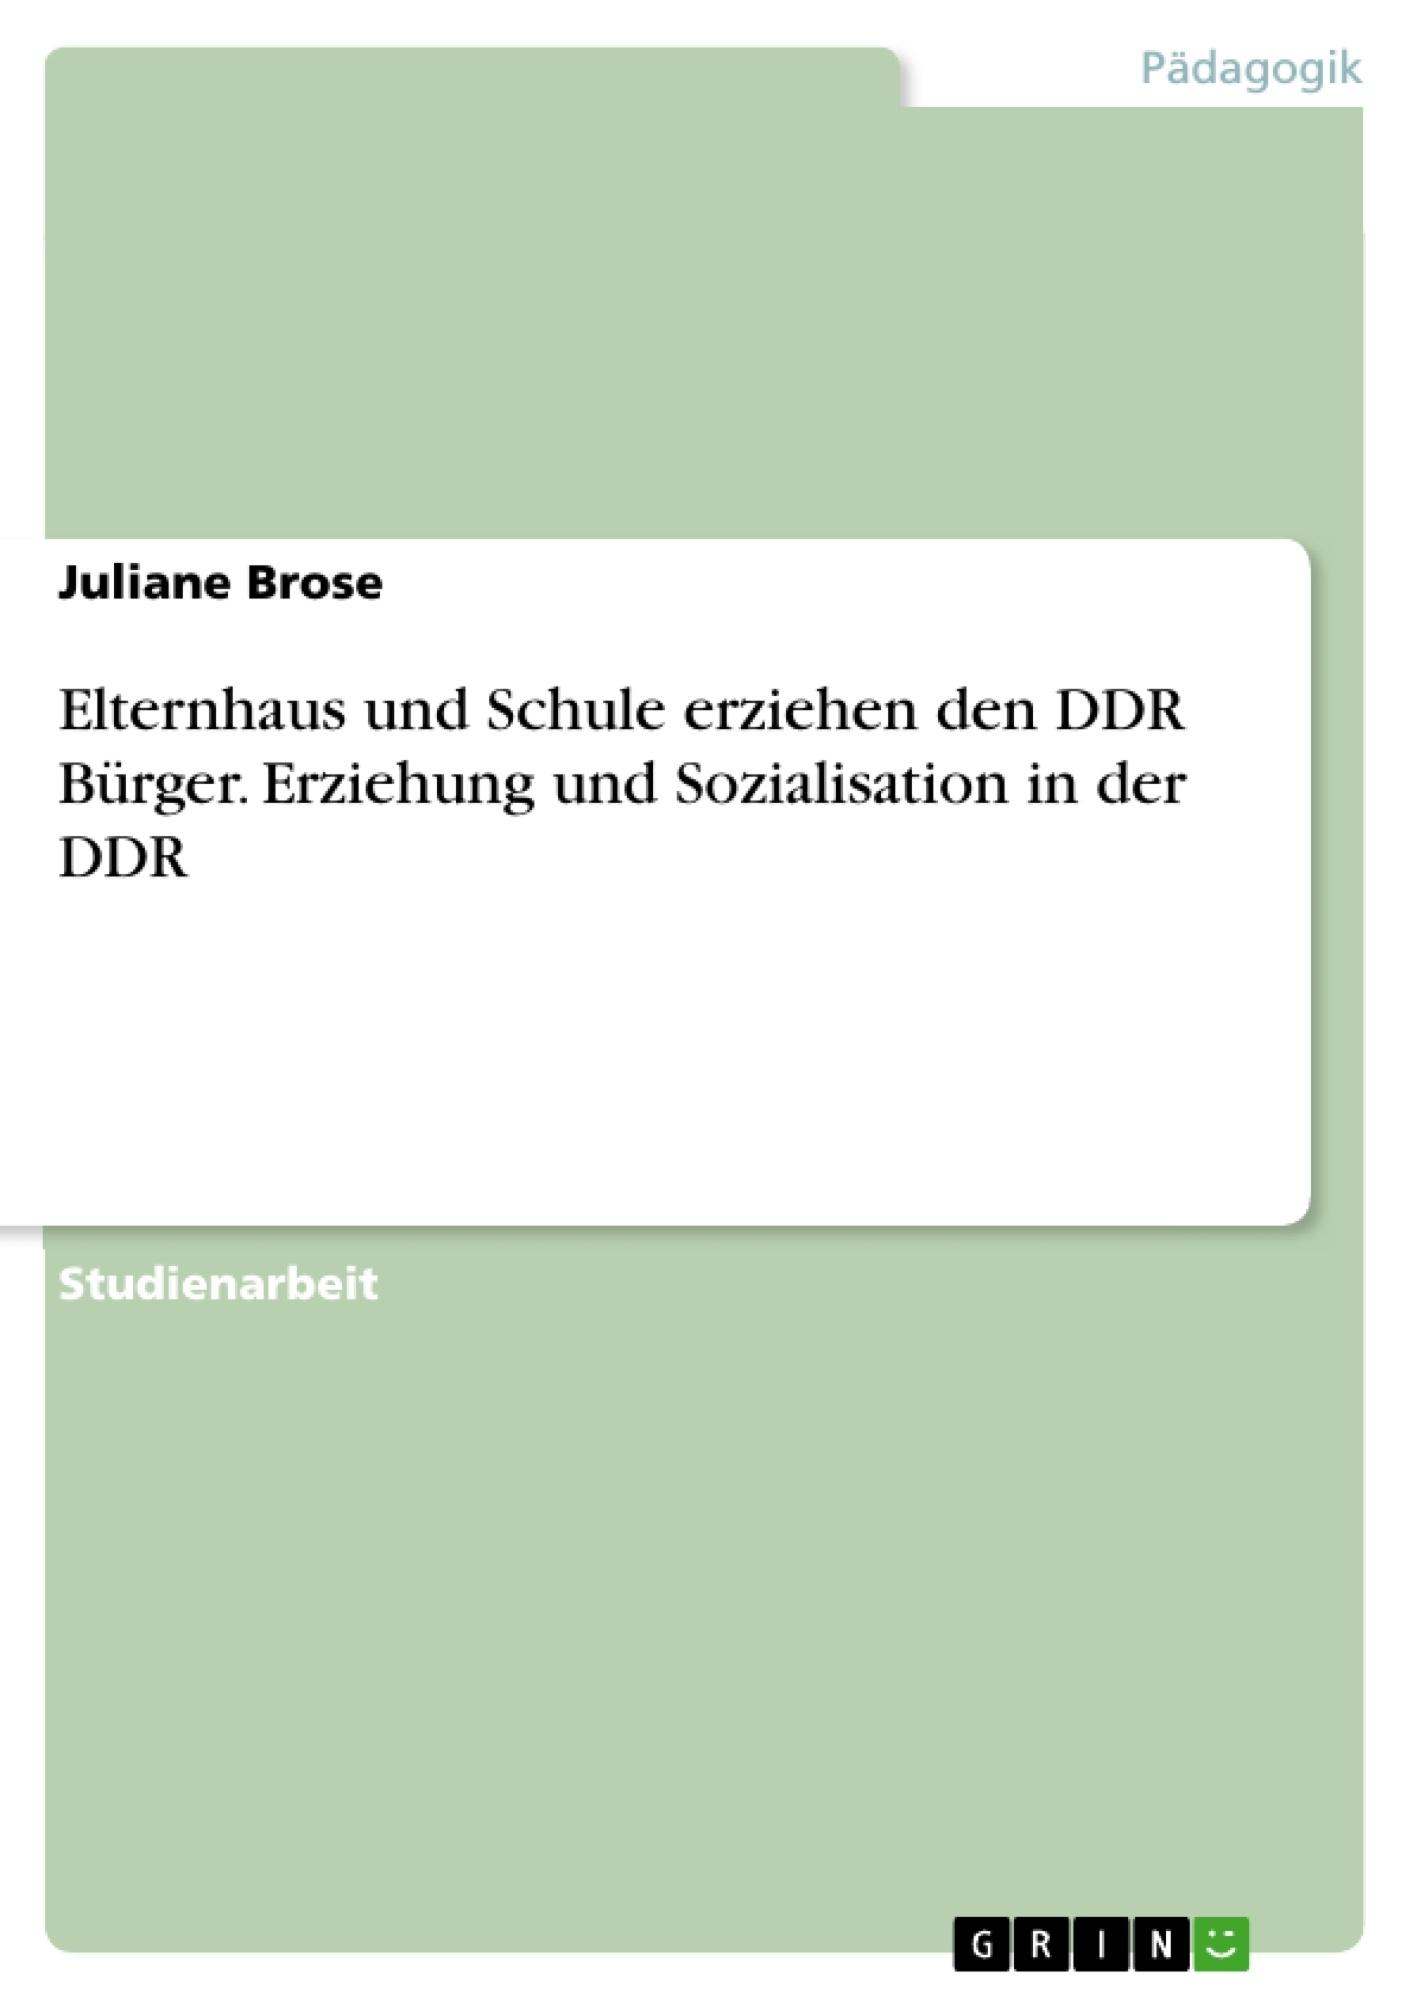 Titel: Elternhaus und Schule erziehen den DDR Bürger. Erziehung und Sozialisation in der DDR